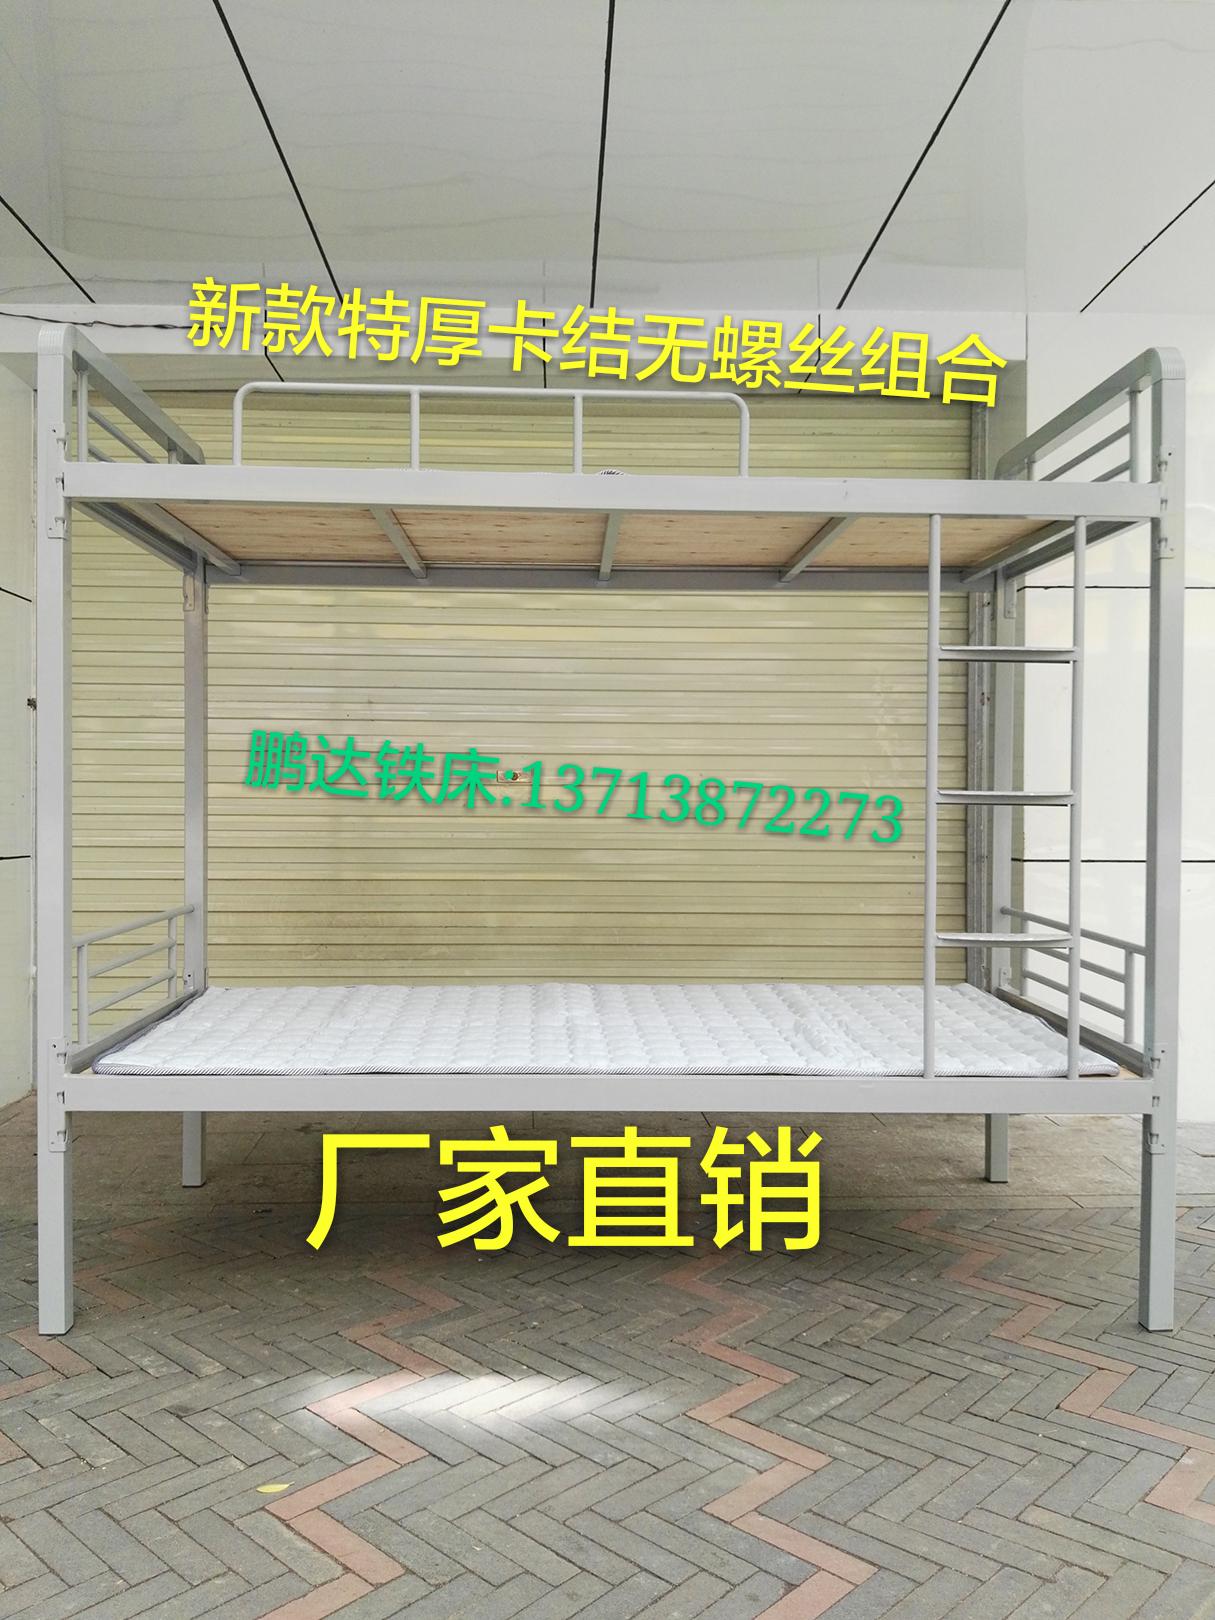 железная кровать на двухъярусной кровати один двухэтажный железа прилавок мать квартиру кровать технологический угол железная кровать из нержавеющей стали, диван - кровать железная кровать